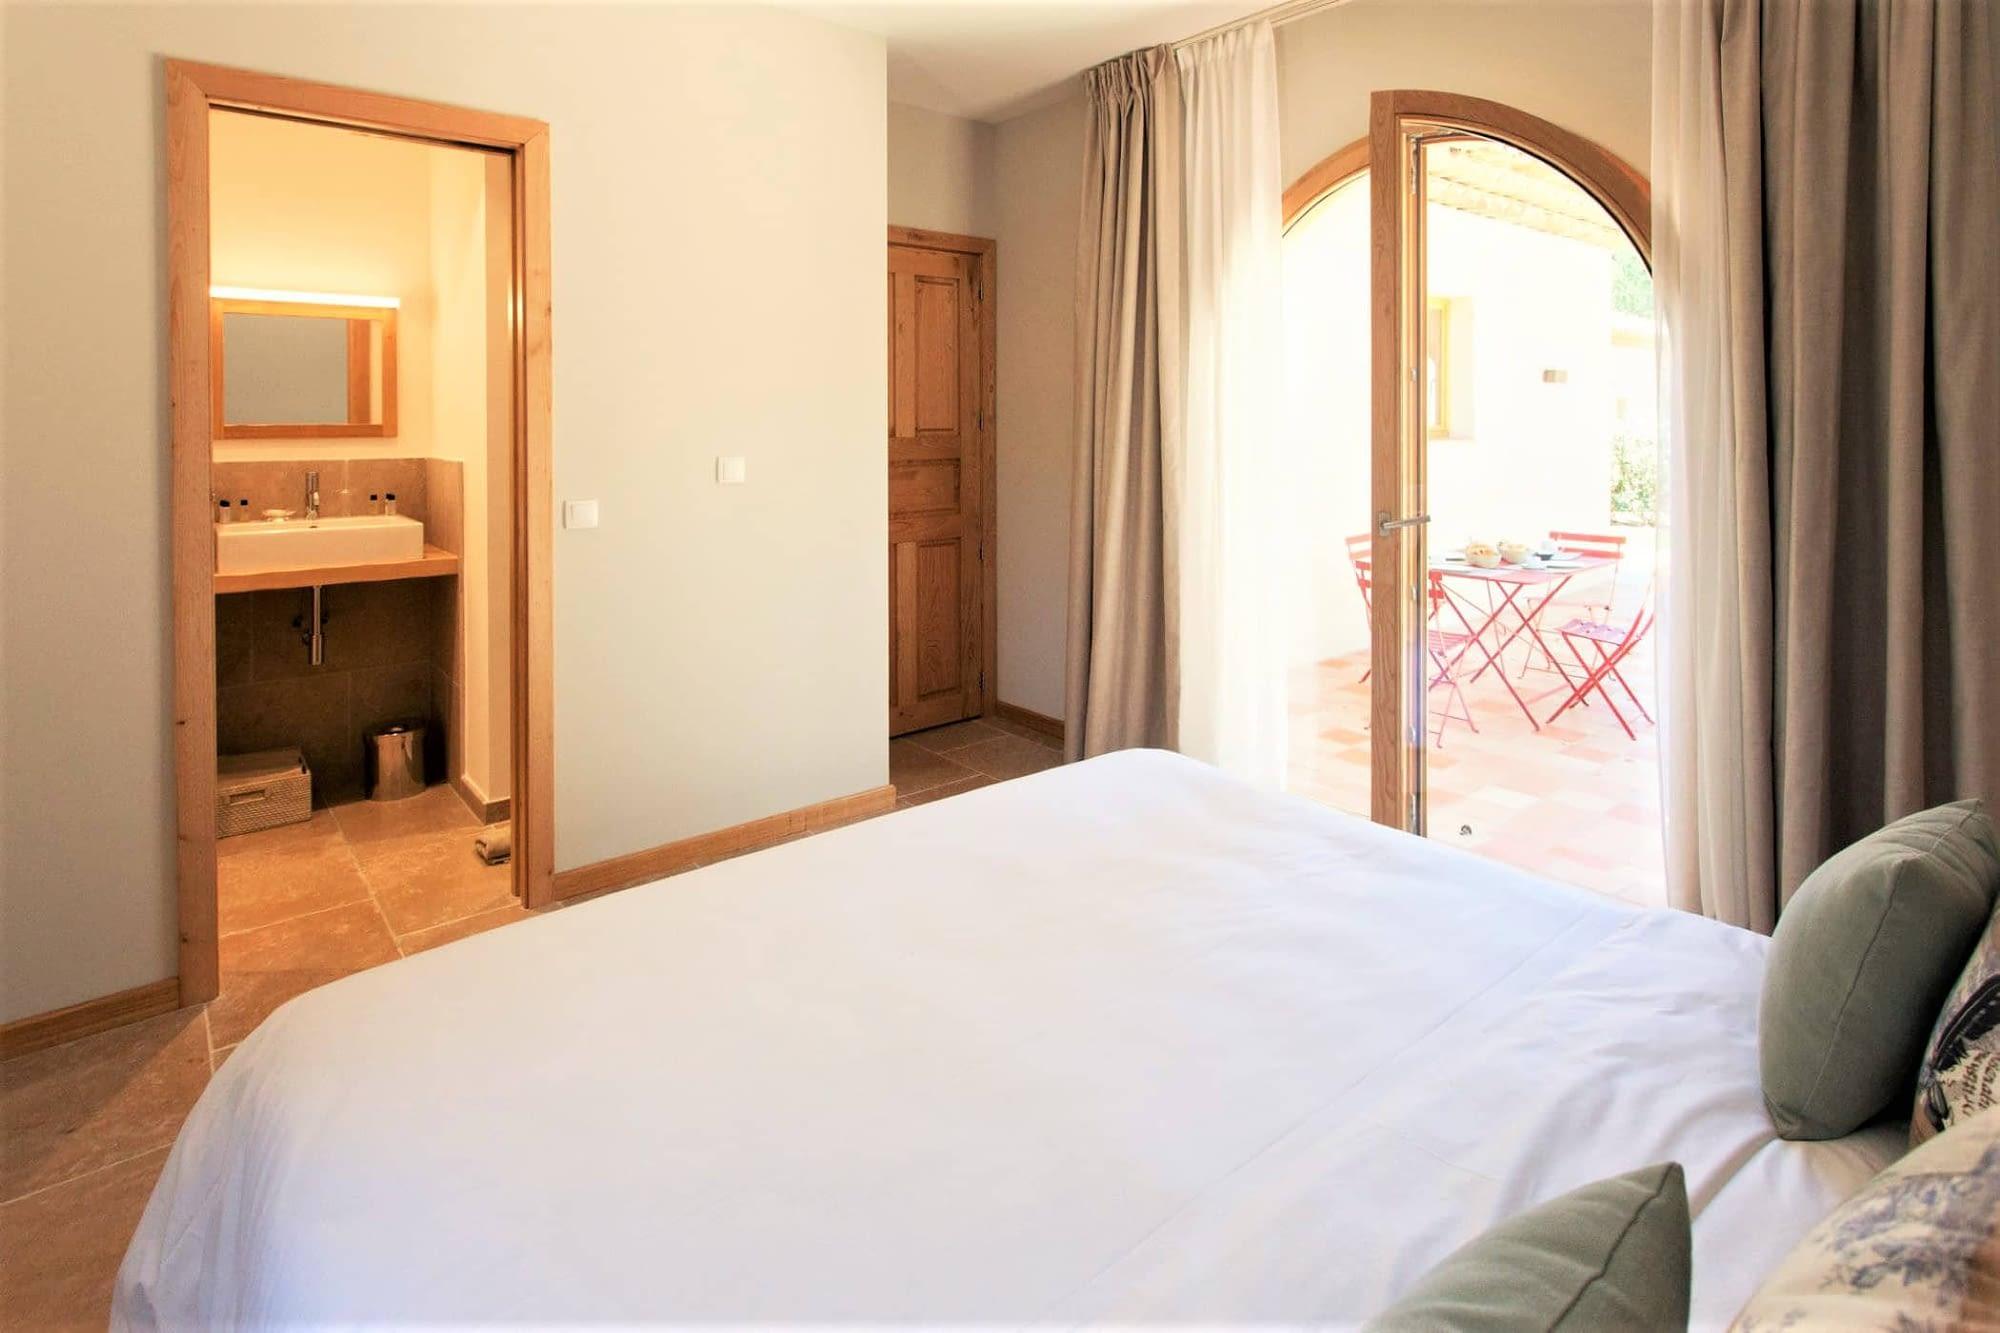 Chambre, salle de bain et terrasse dans maison L'arbousier / Bedroom, bathroom and terrace in the house L'arbousier